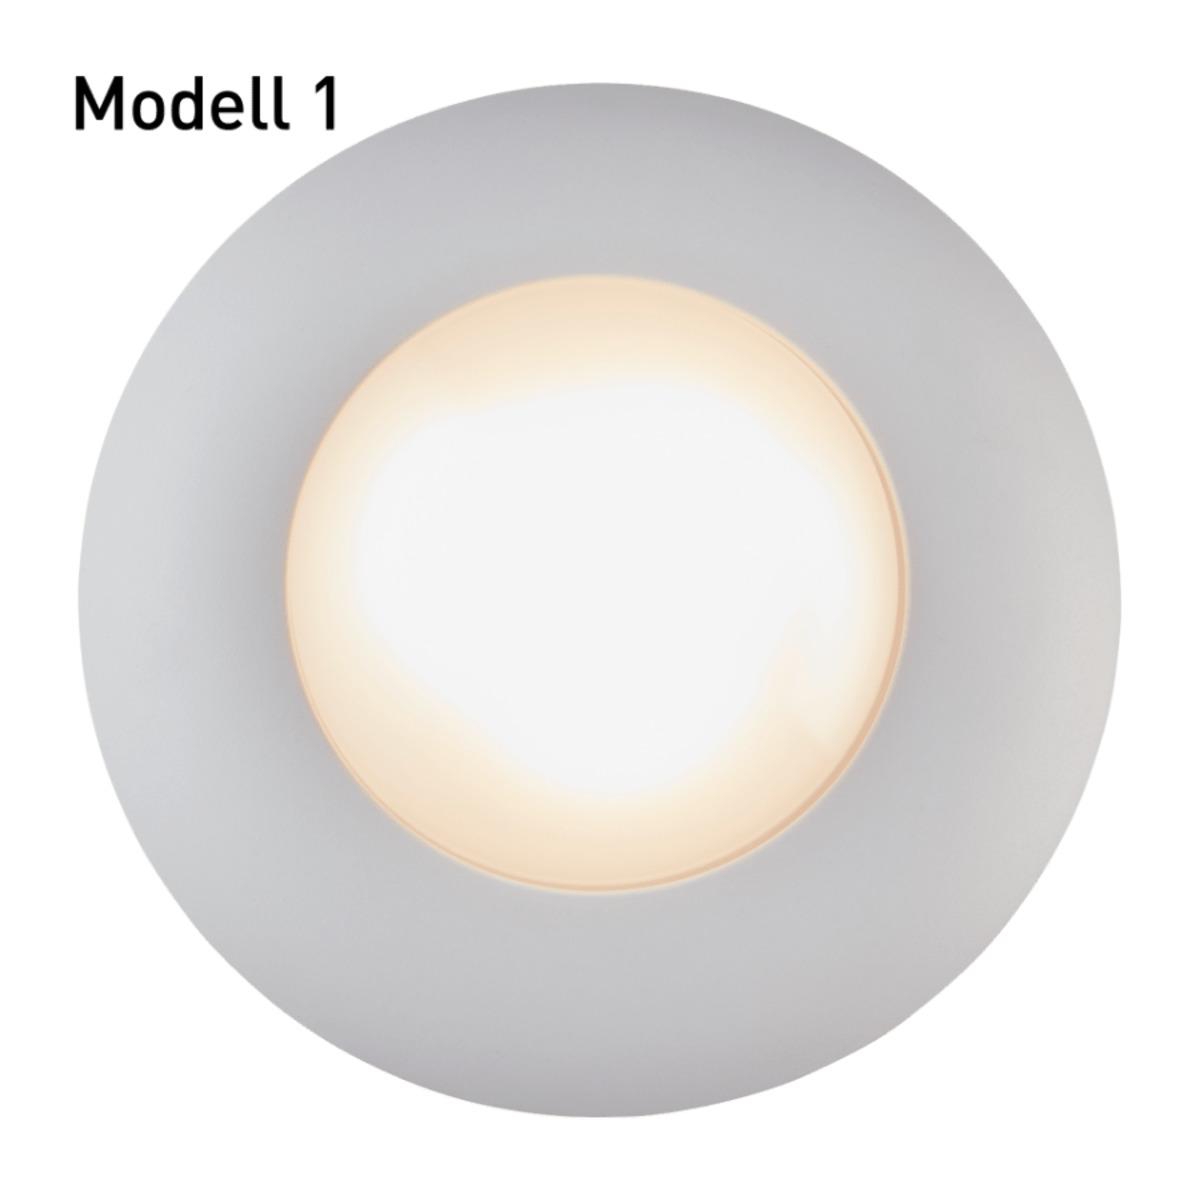 Bild 2 von LIGHTZONE     LED-Beleuchtungsspots